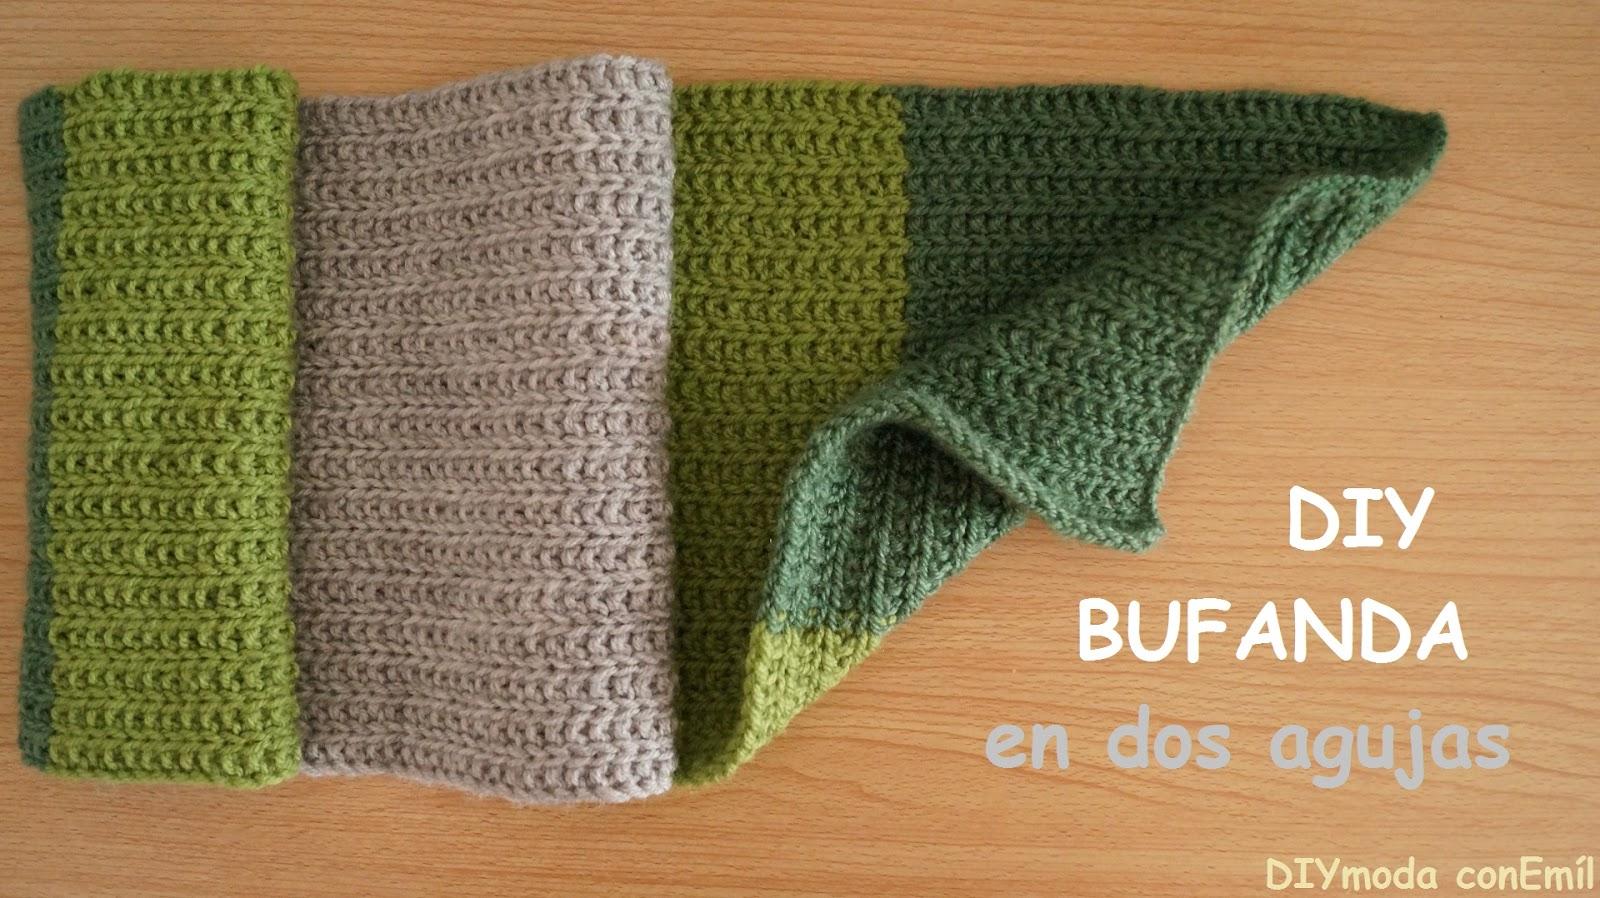 Diymoda conem l bufanda de lana a dos agujas en formula - Puntos de agujas de lana ...